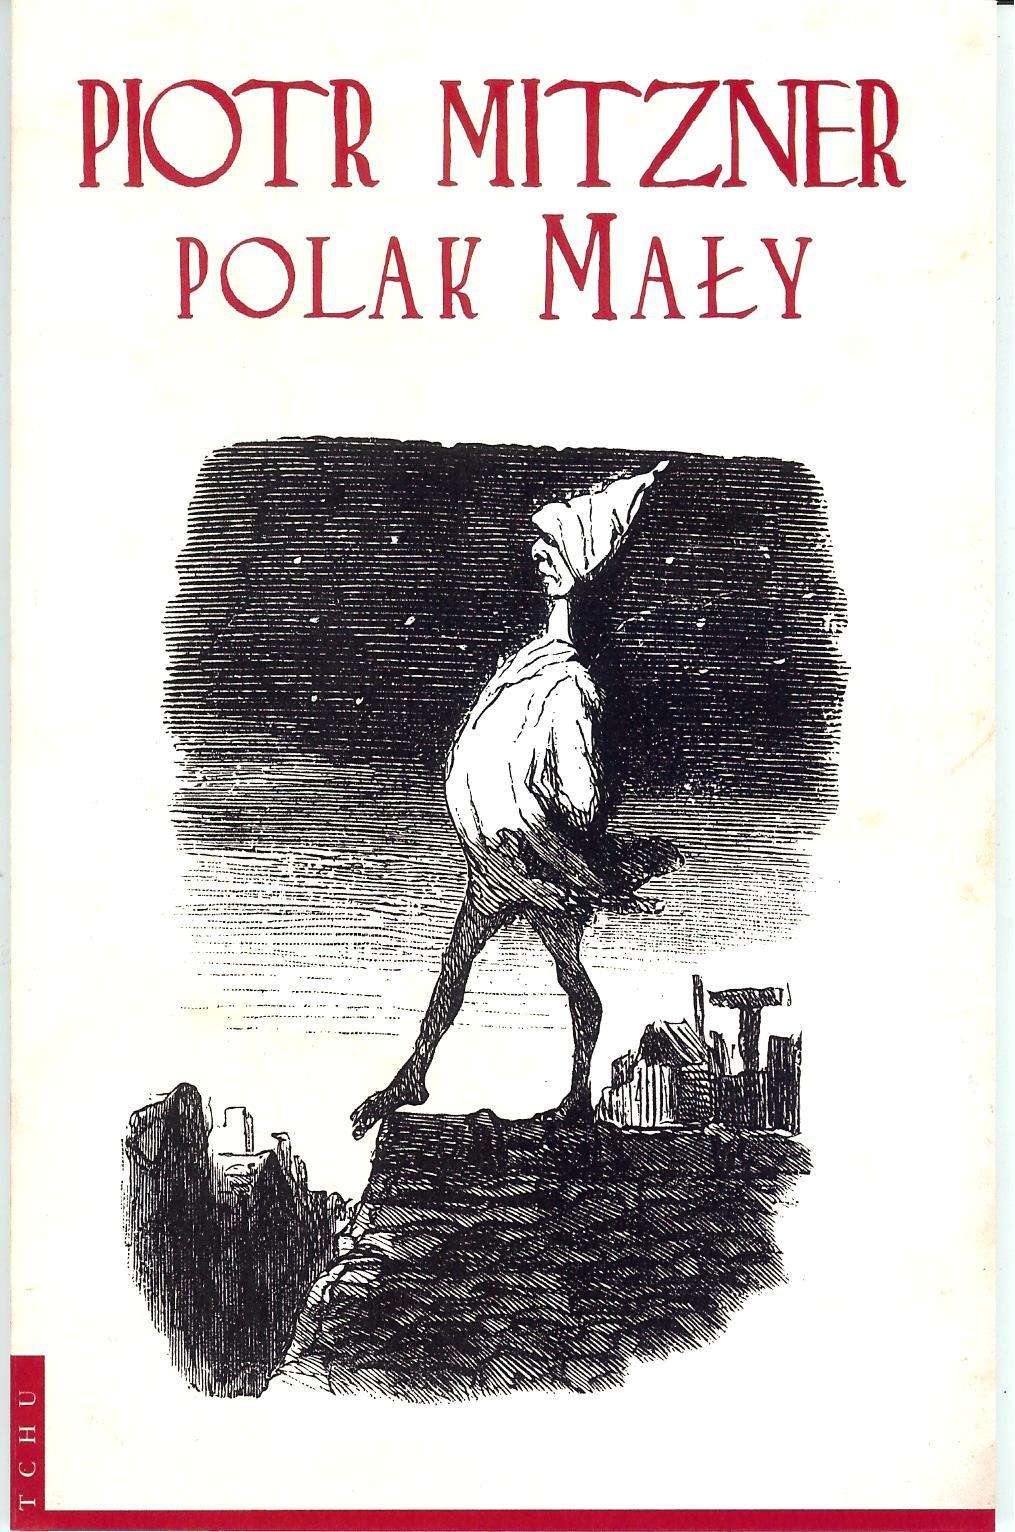 Polak Maly Amazoncouk Piotr Mitzner 9788363104108 Books